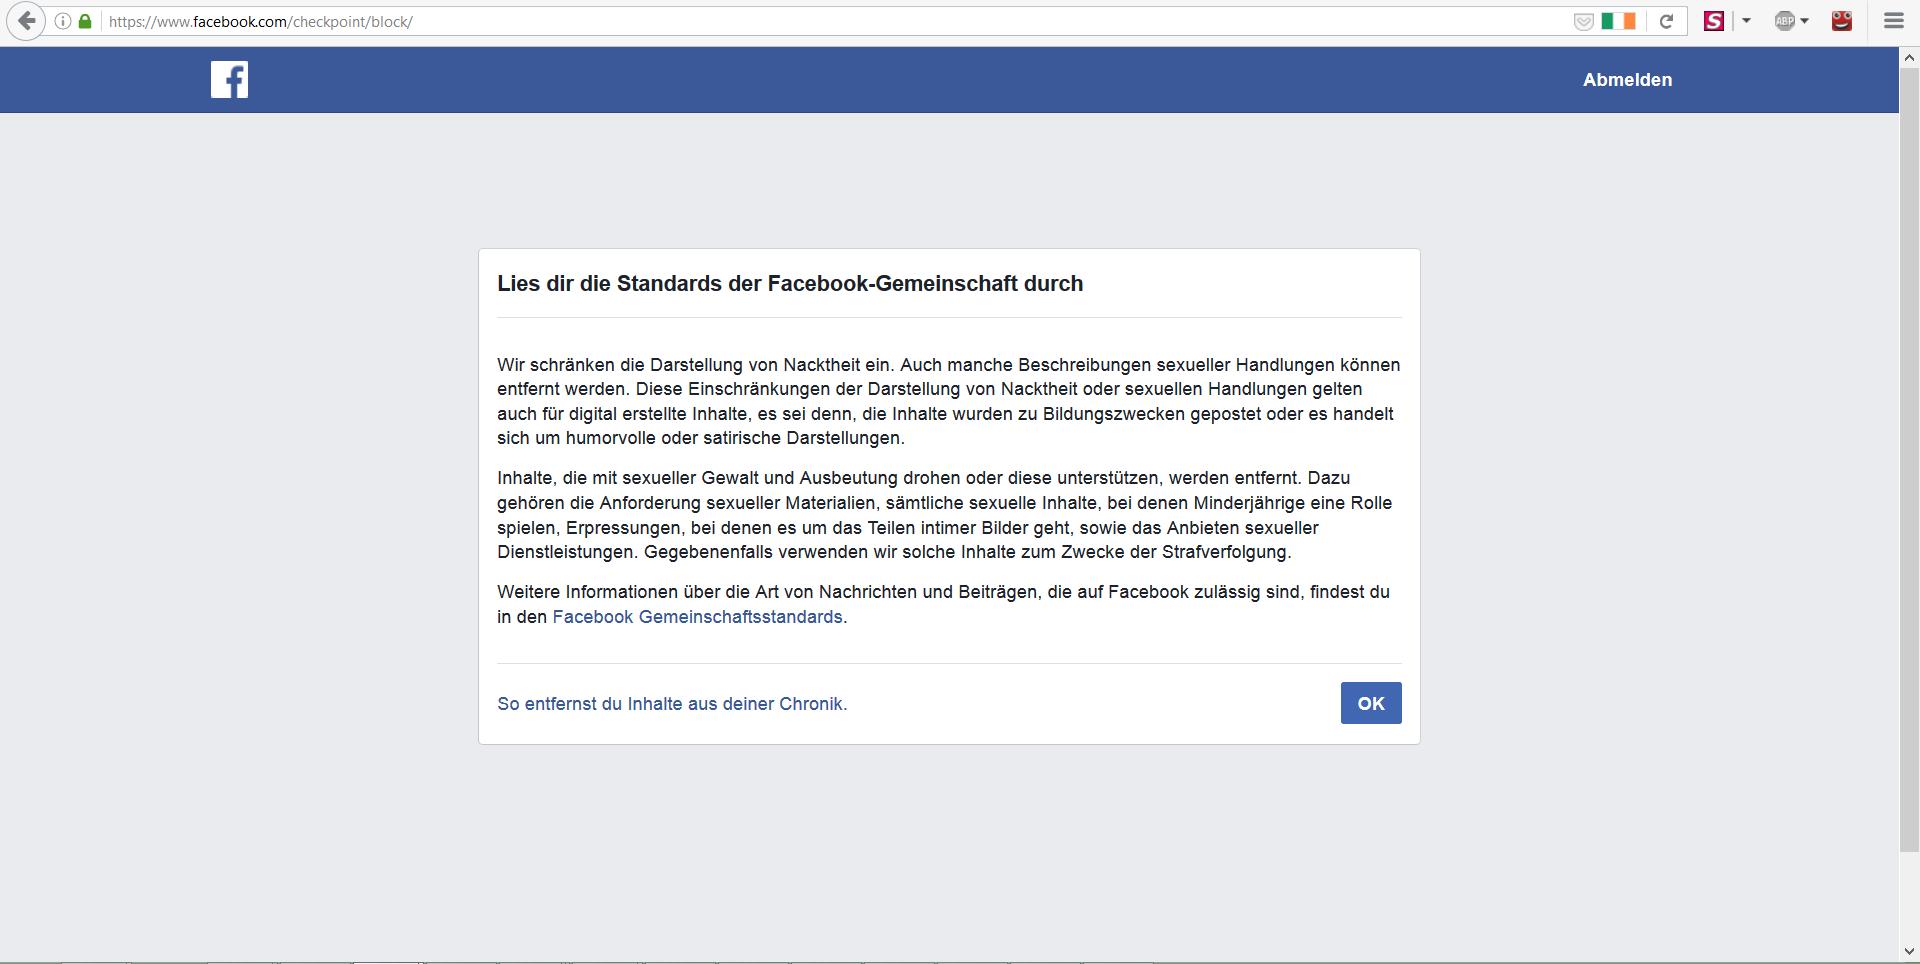 Wie löschst du Bilder von Facebook?